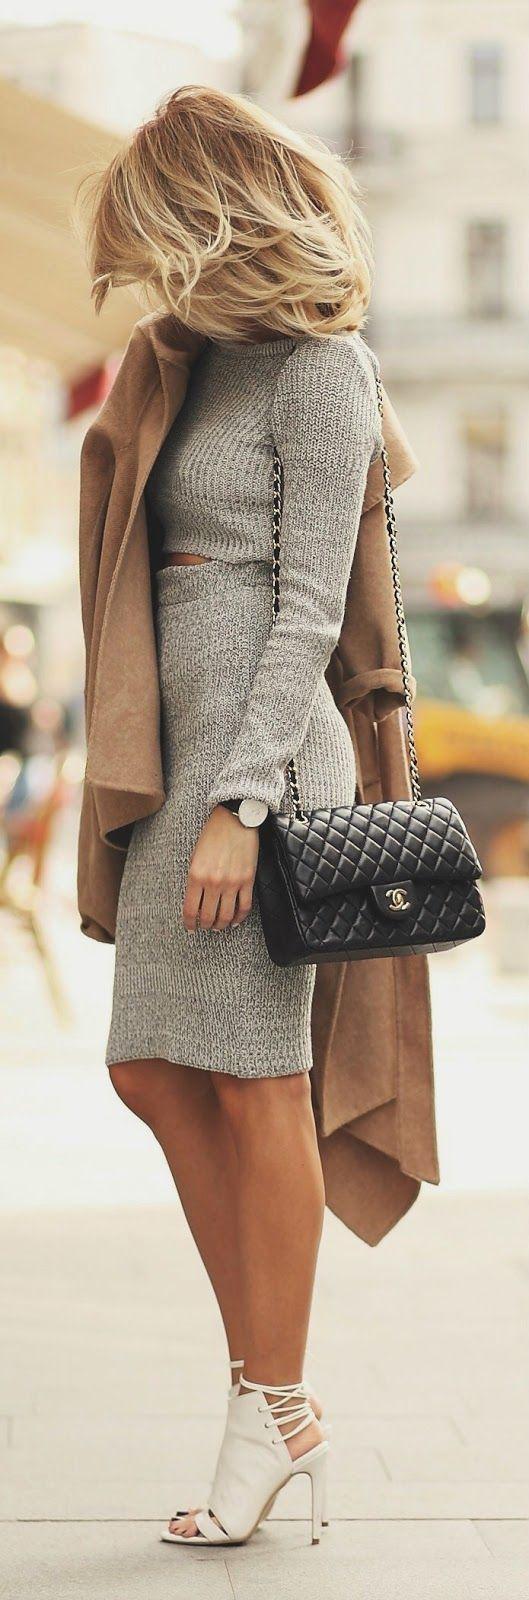 Sacos color marrón para este otoño - invierno